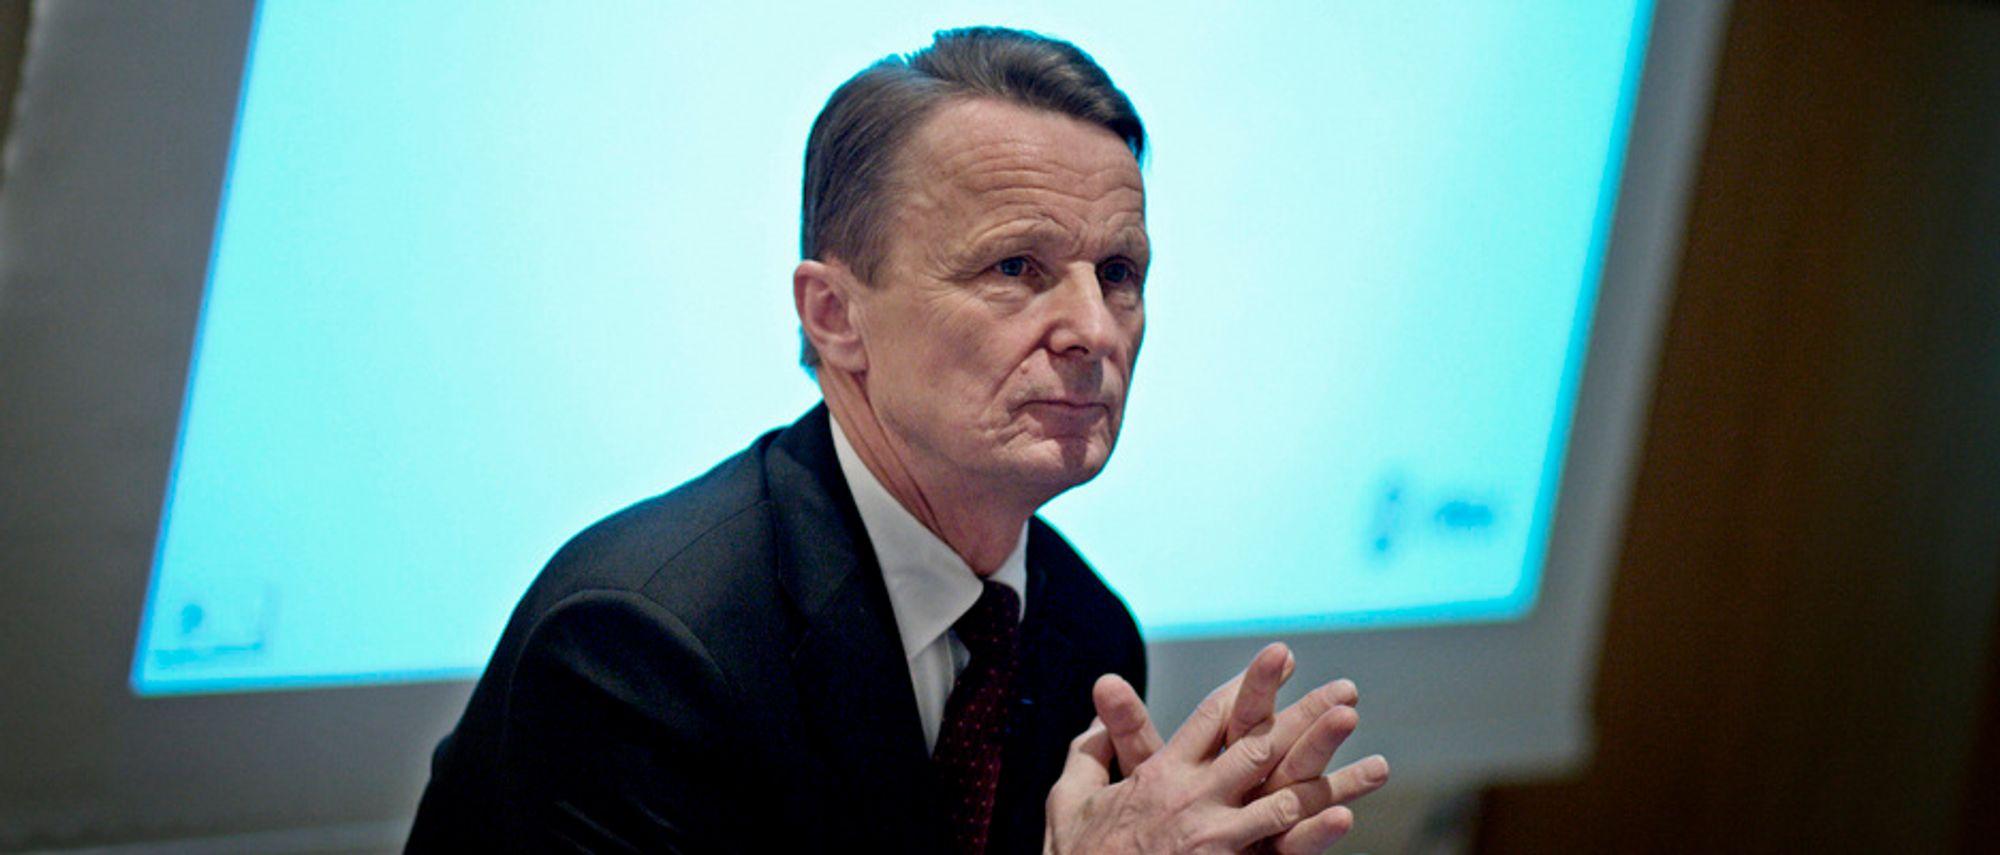 RØDT: REC-sjef Ole Enger må notere et tap på over en milliard i årets tredje kvartal.